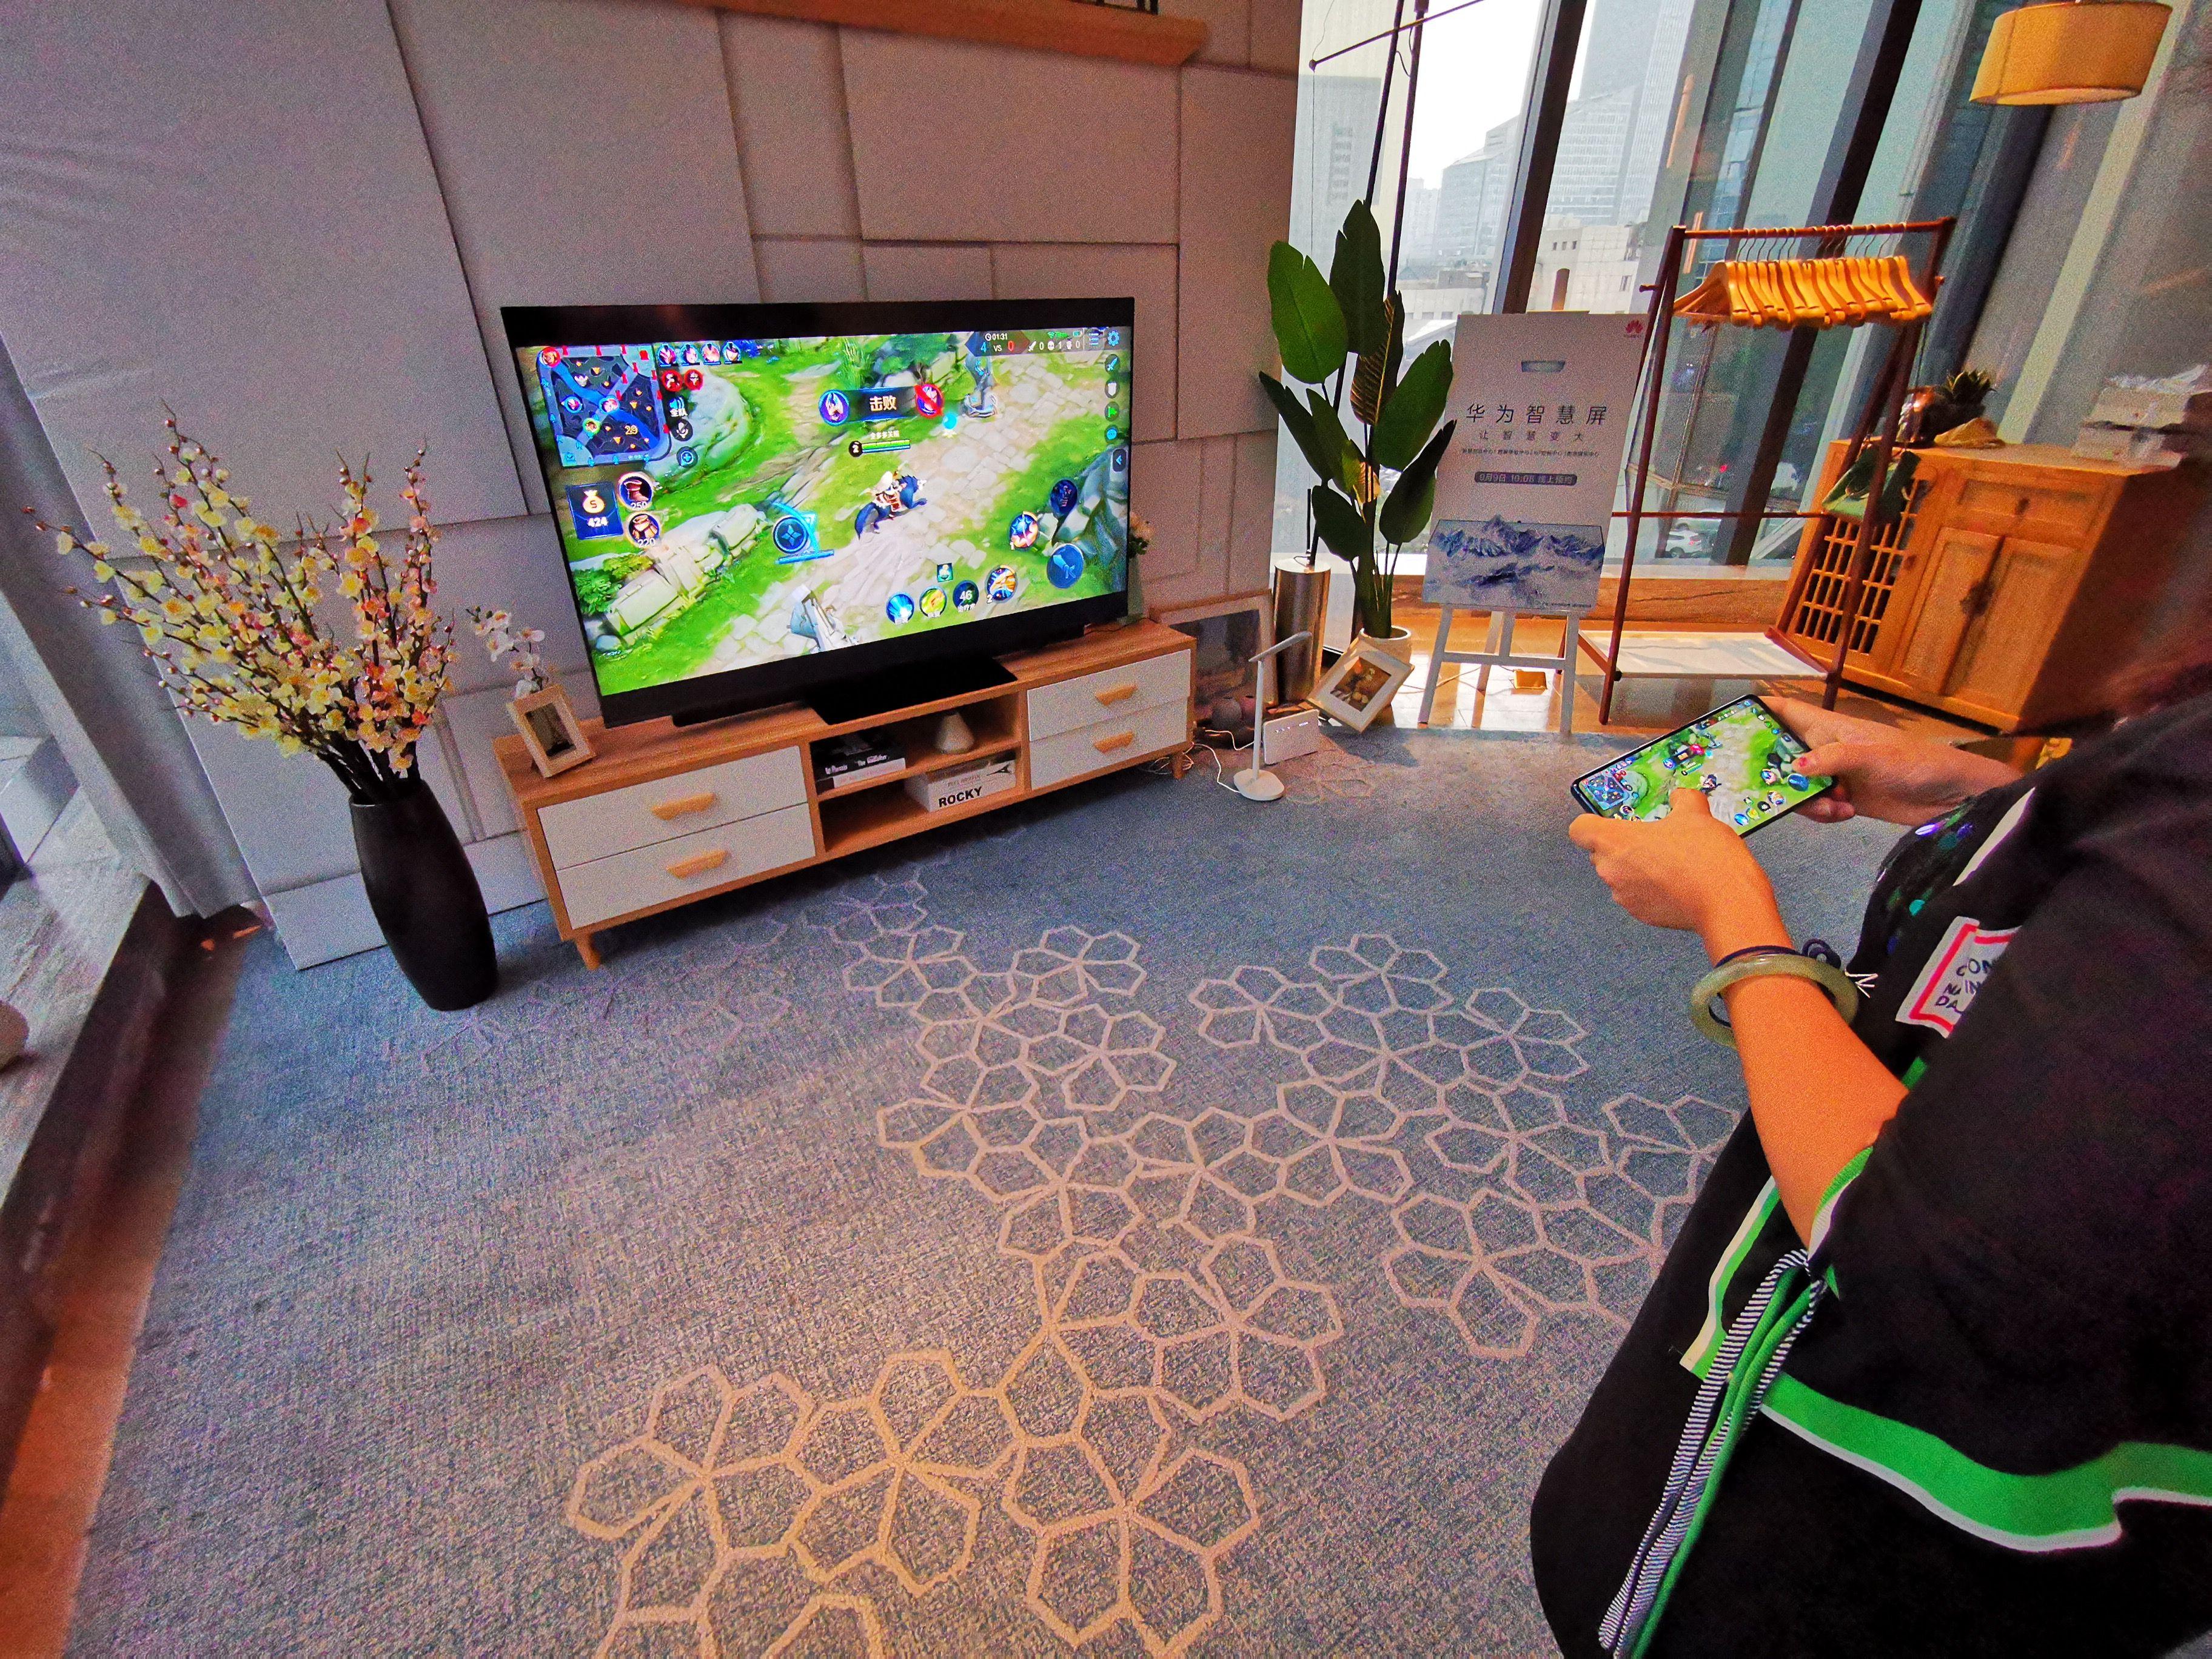 华为智慧屏简评:4K量子点屏幕+AI慧眼+投屏游戏